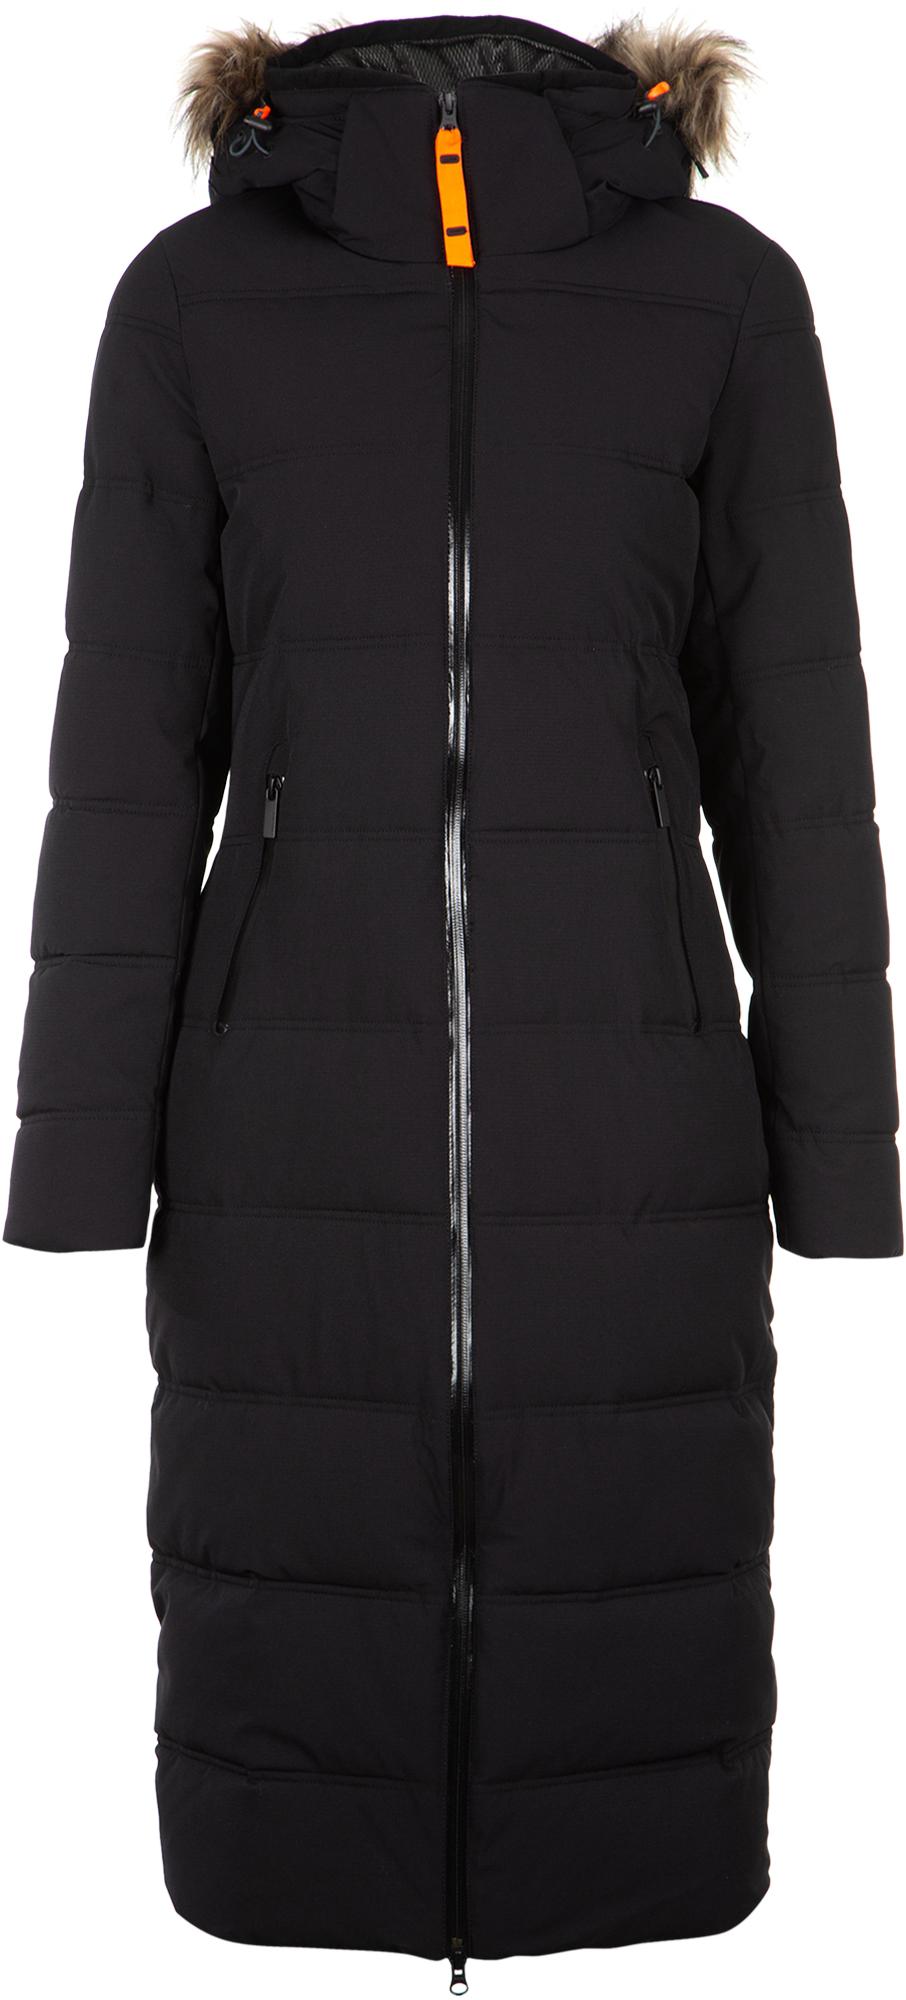 IcePeak Полупальто женское IcePeak Brilon, размер 46 женское шерстяное пальто